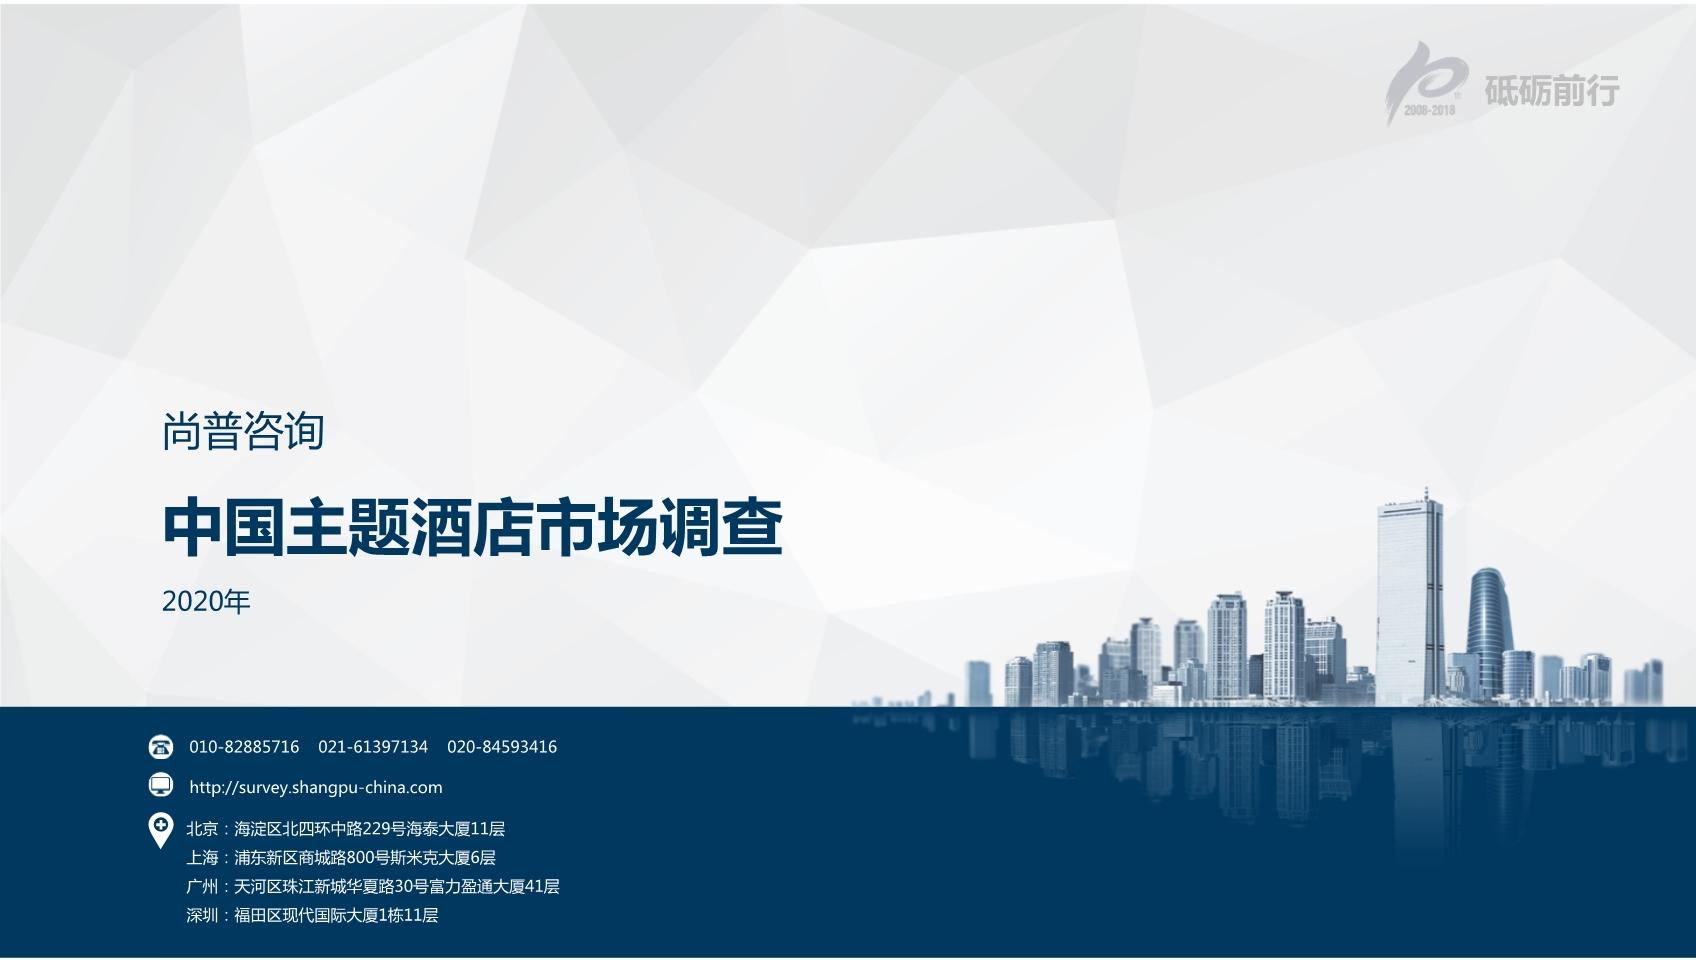 尚普咨询:2020年中国主题酒店市场调查